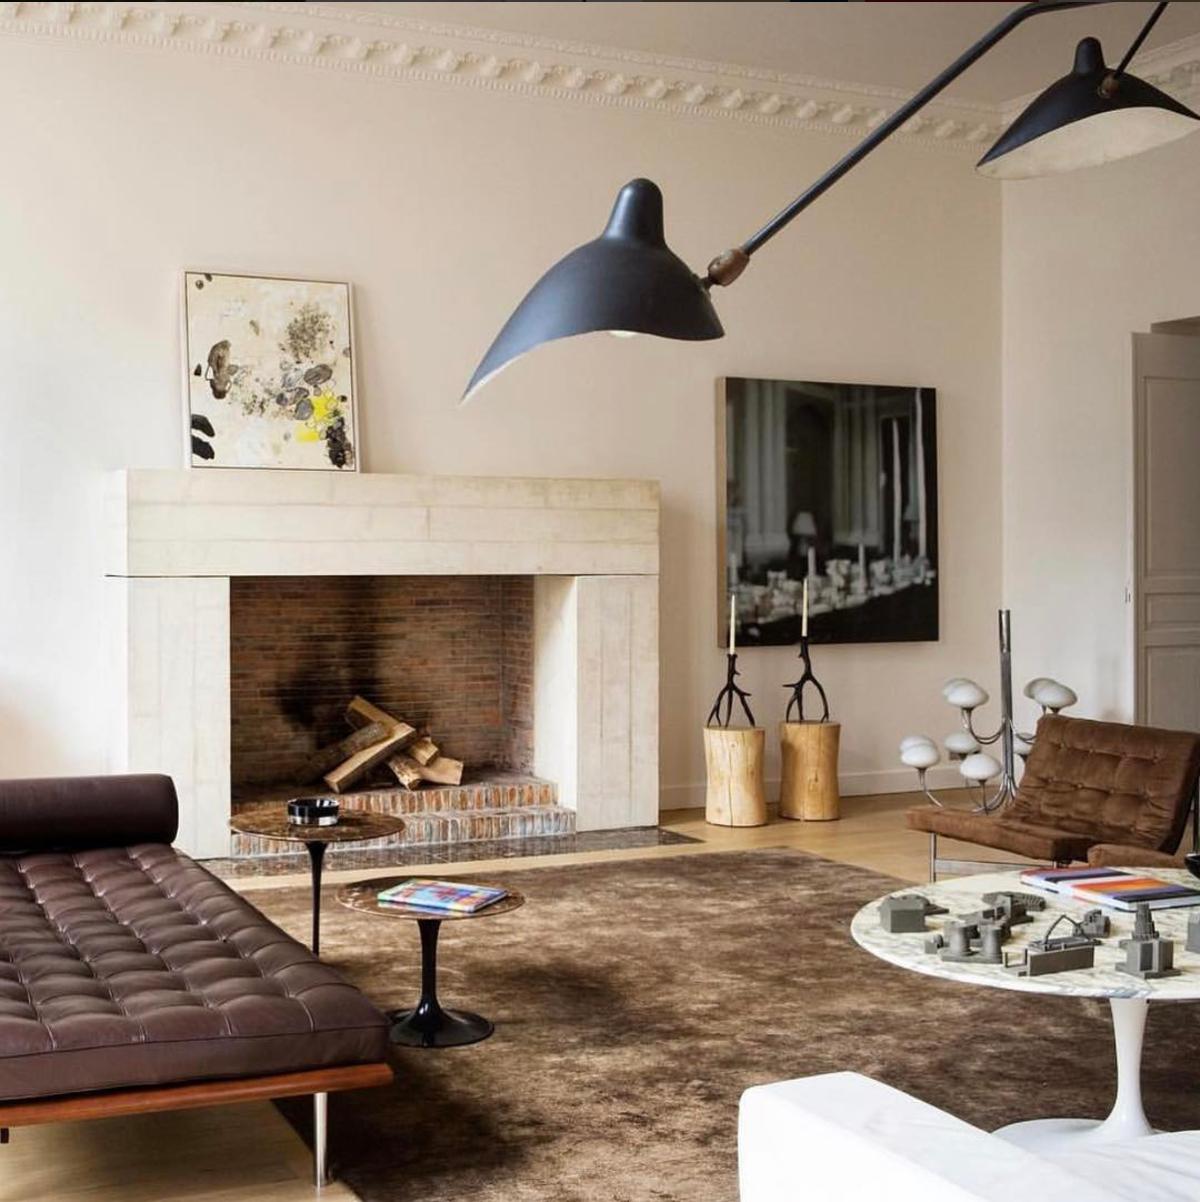 Innenarchitektur wohnzimmer für kleine wohnung ludwig mies van der rohe inspo  beleuchtung  pinterest